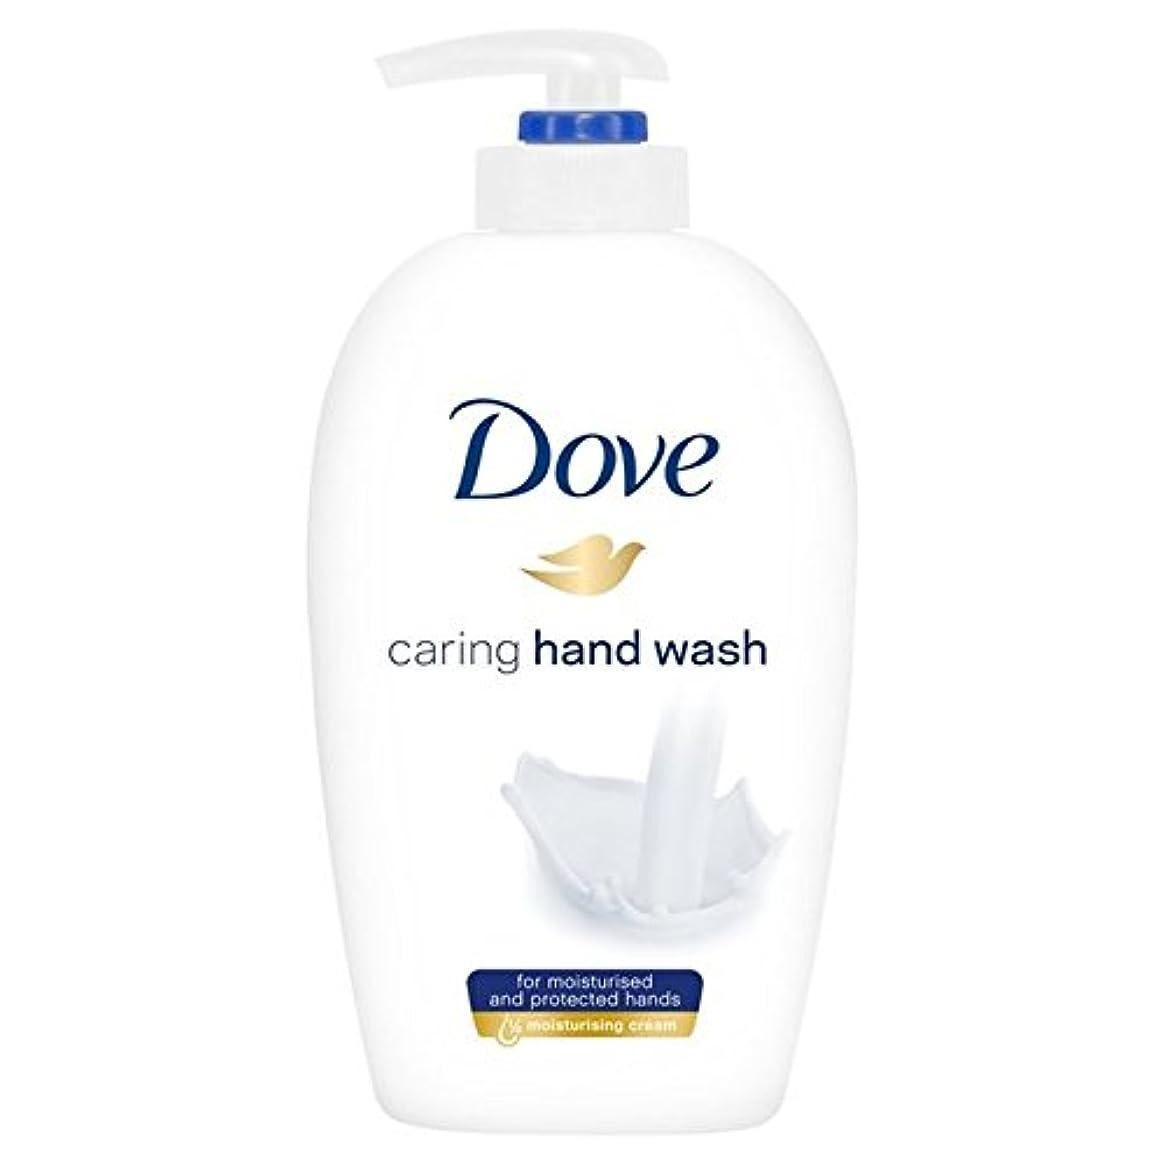 イブニング大騒ぎ専門化する鳩思いやり手洗い250ミリリットル x4 - Dove Caring Hand Wash 250ml (Pack of 4) [並行輸入品]